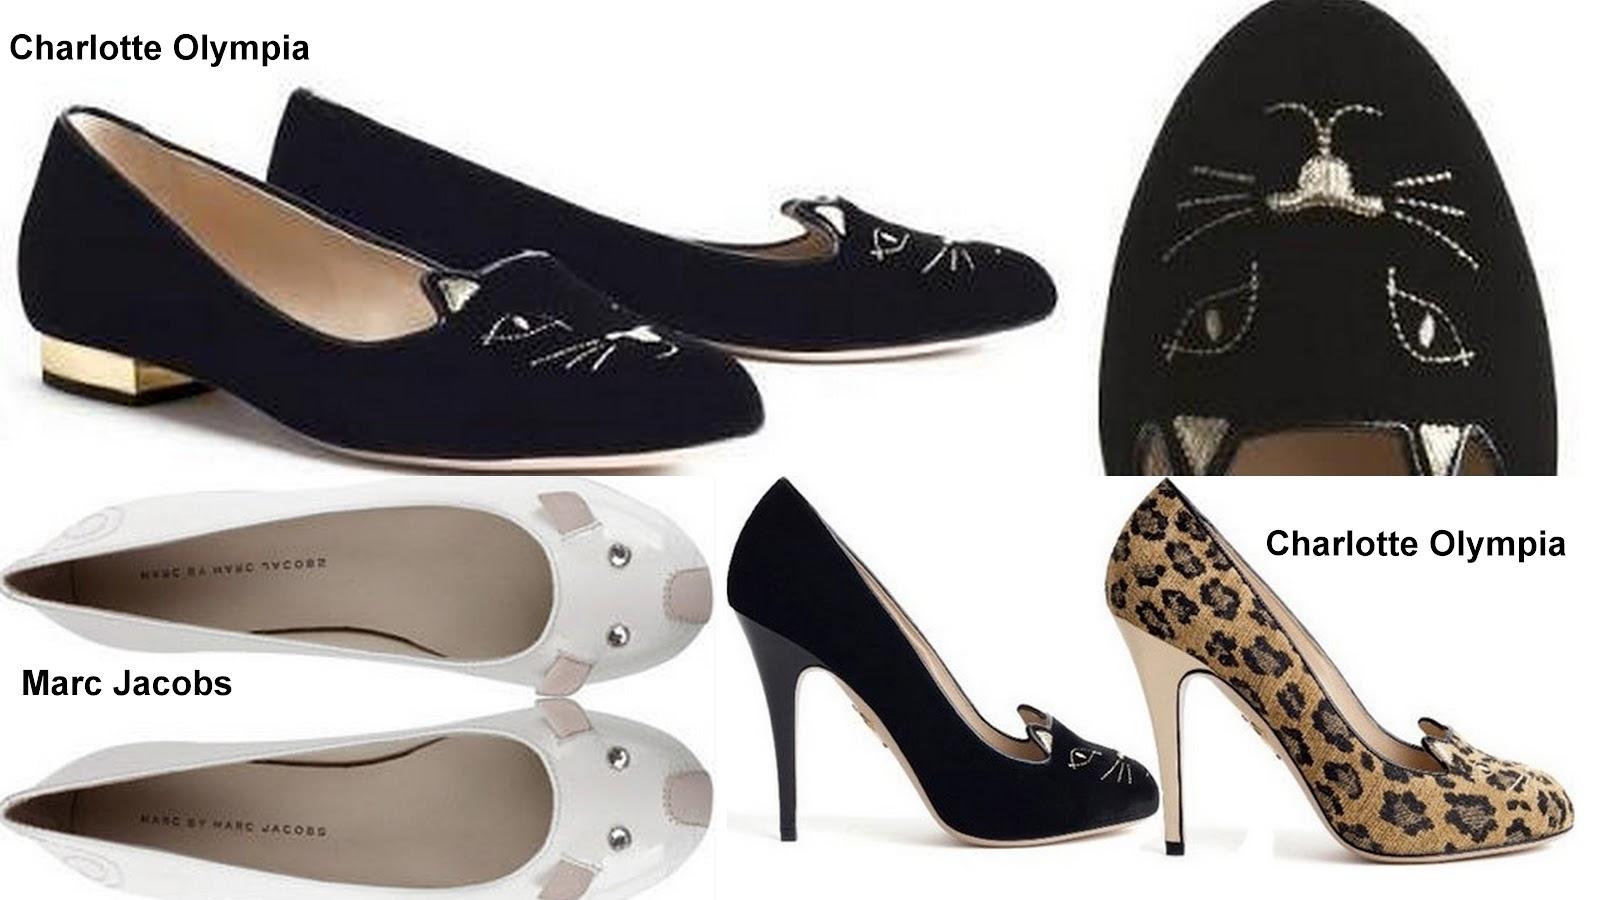 315f64346 Apesar de os sapatos de gatinho da Charlotte Olympia e de ratinho do Marc  Jacobs não serem mais novidade, eu quero compartilhar com vocês meu amor  por essas ...